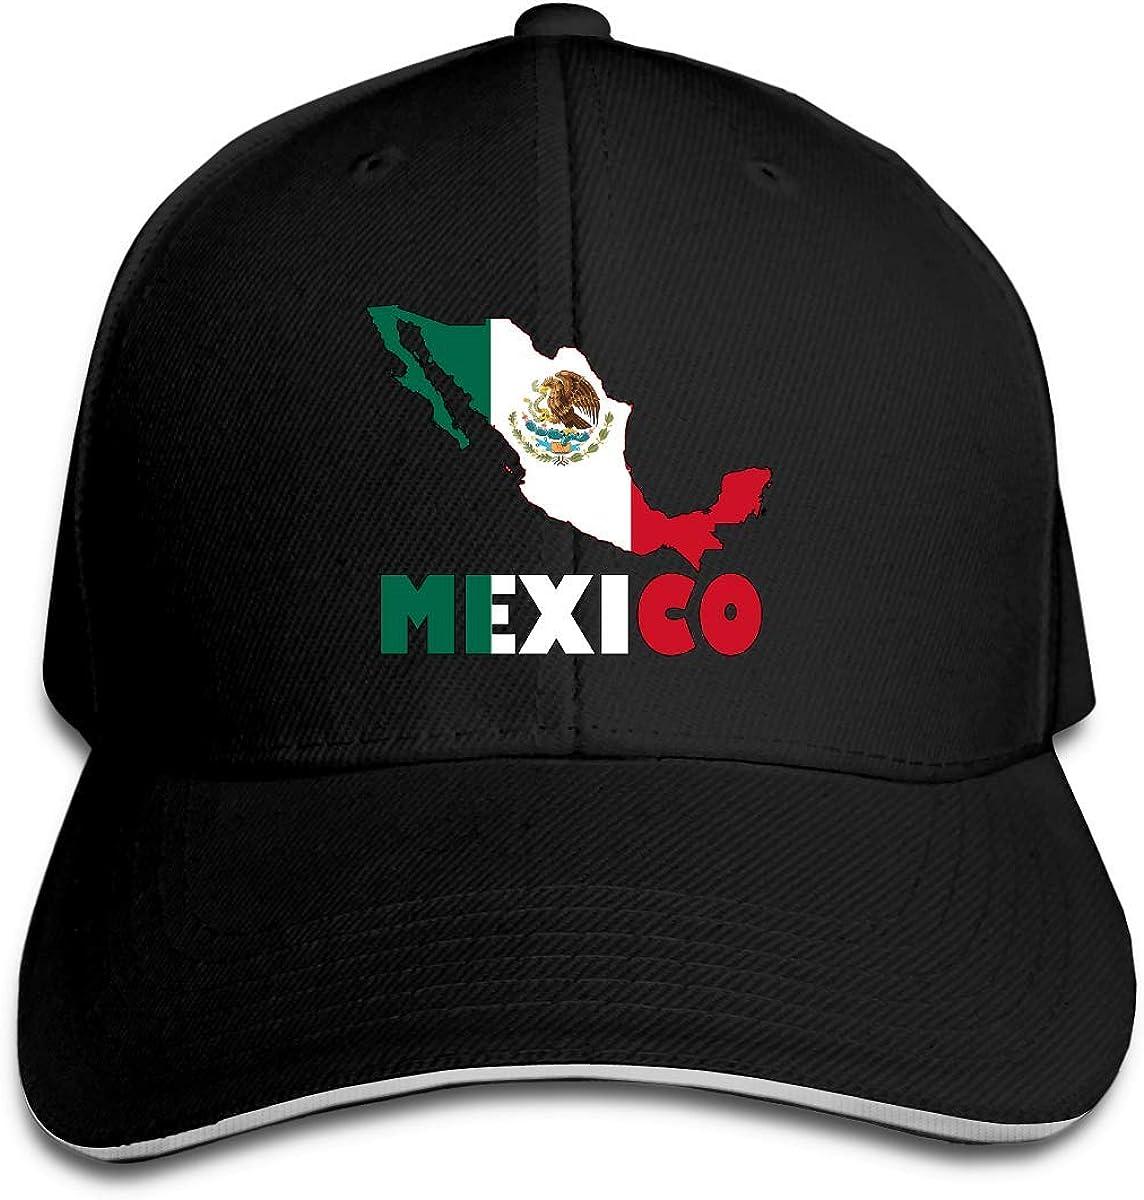 Casquette de Baseball pour Hommes et Femmes Mexique Carte Drapeau Coton Chapeau De Camionneur R/églable R/étro Sports Fan Casquettes Noir DIY 18795